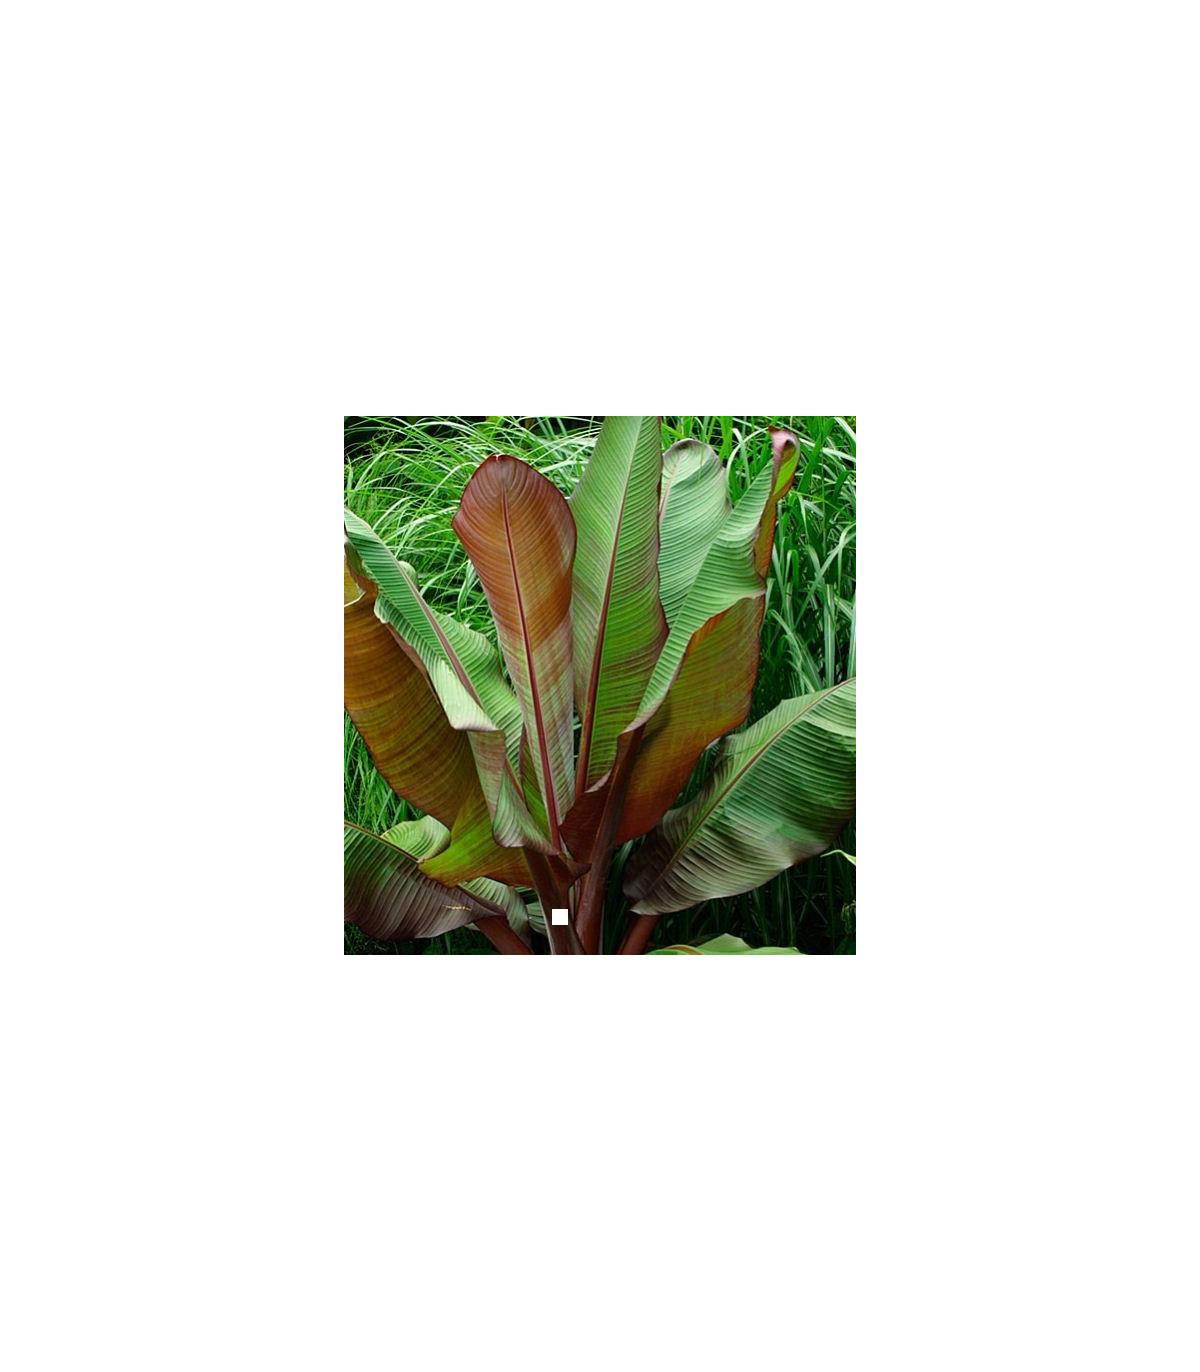 Banánovník habešský - Ensete vetricosum - semená banánovníka - 3 ks